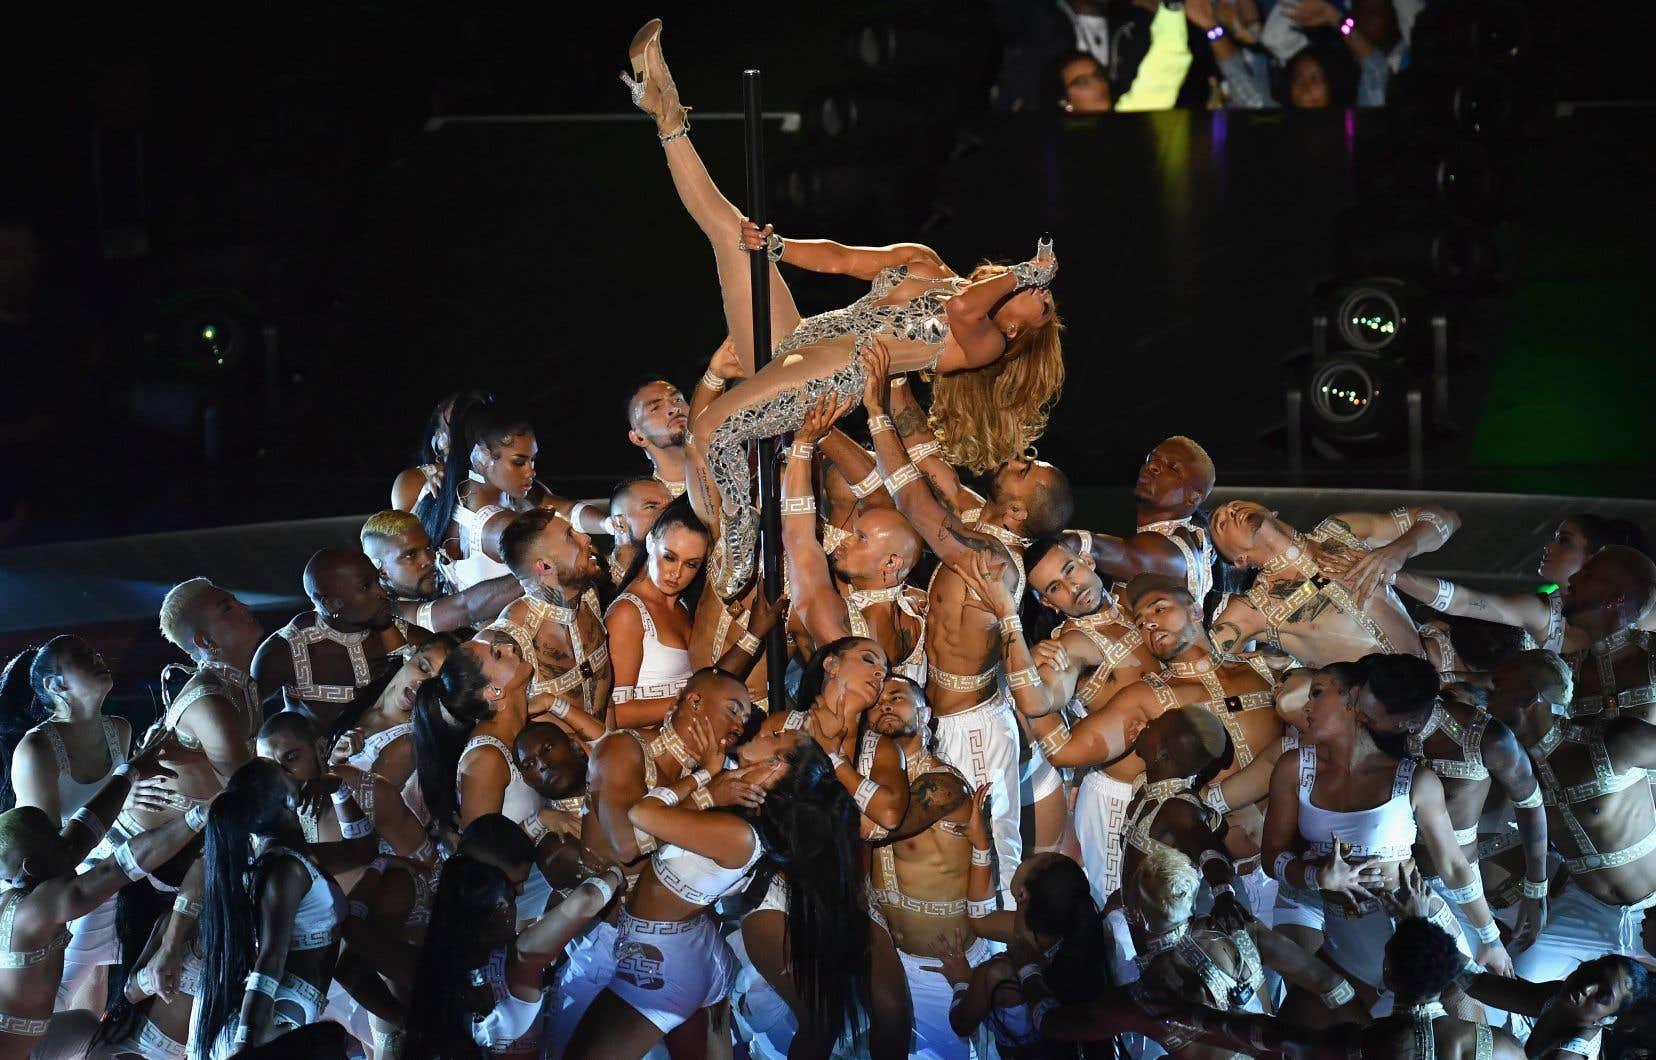 «JLO [Jennifer Lopez] est presque nue sur scène et se trémousse autour d'un poteau. Est-ce nécessaire d'aller si loin dans l'exacerbation de la sexualité?», s'interroge l'auteure.